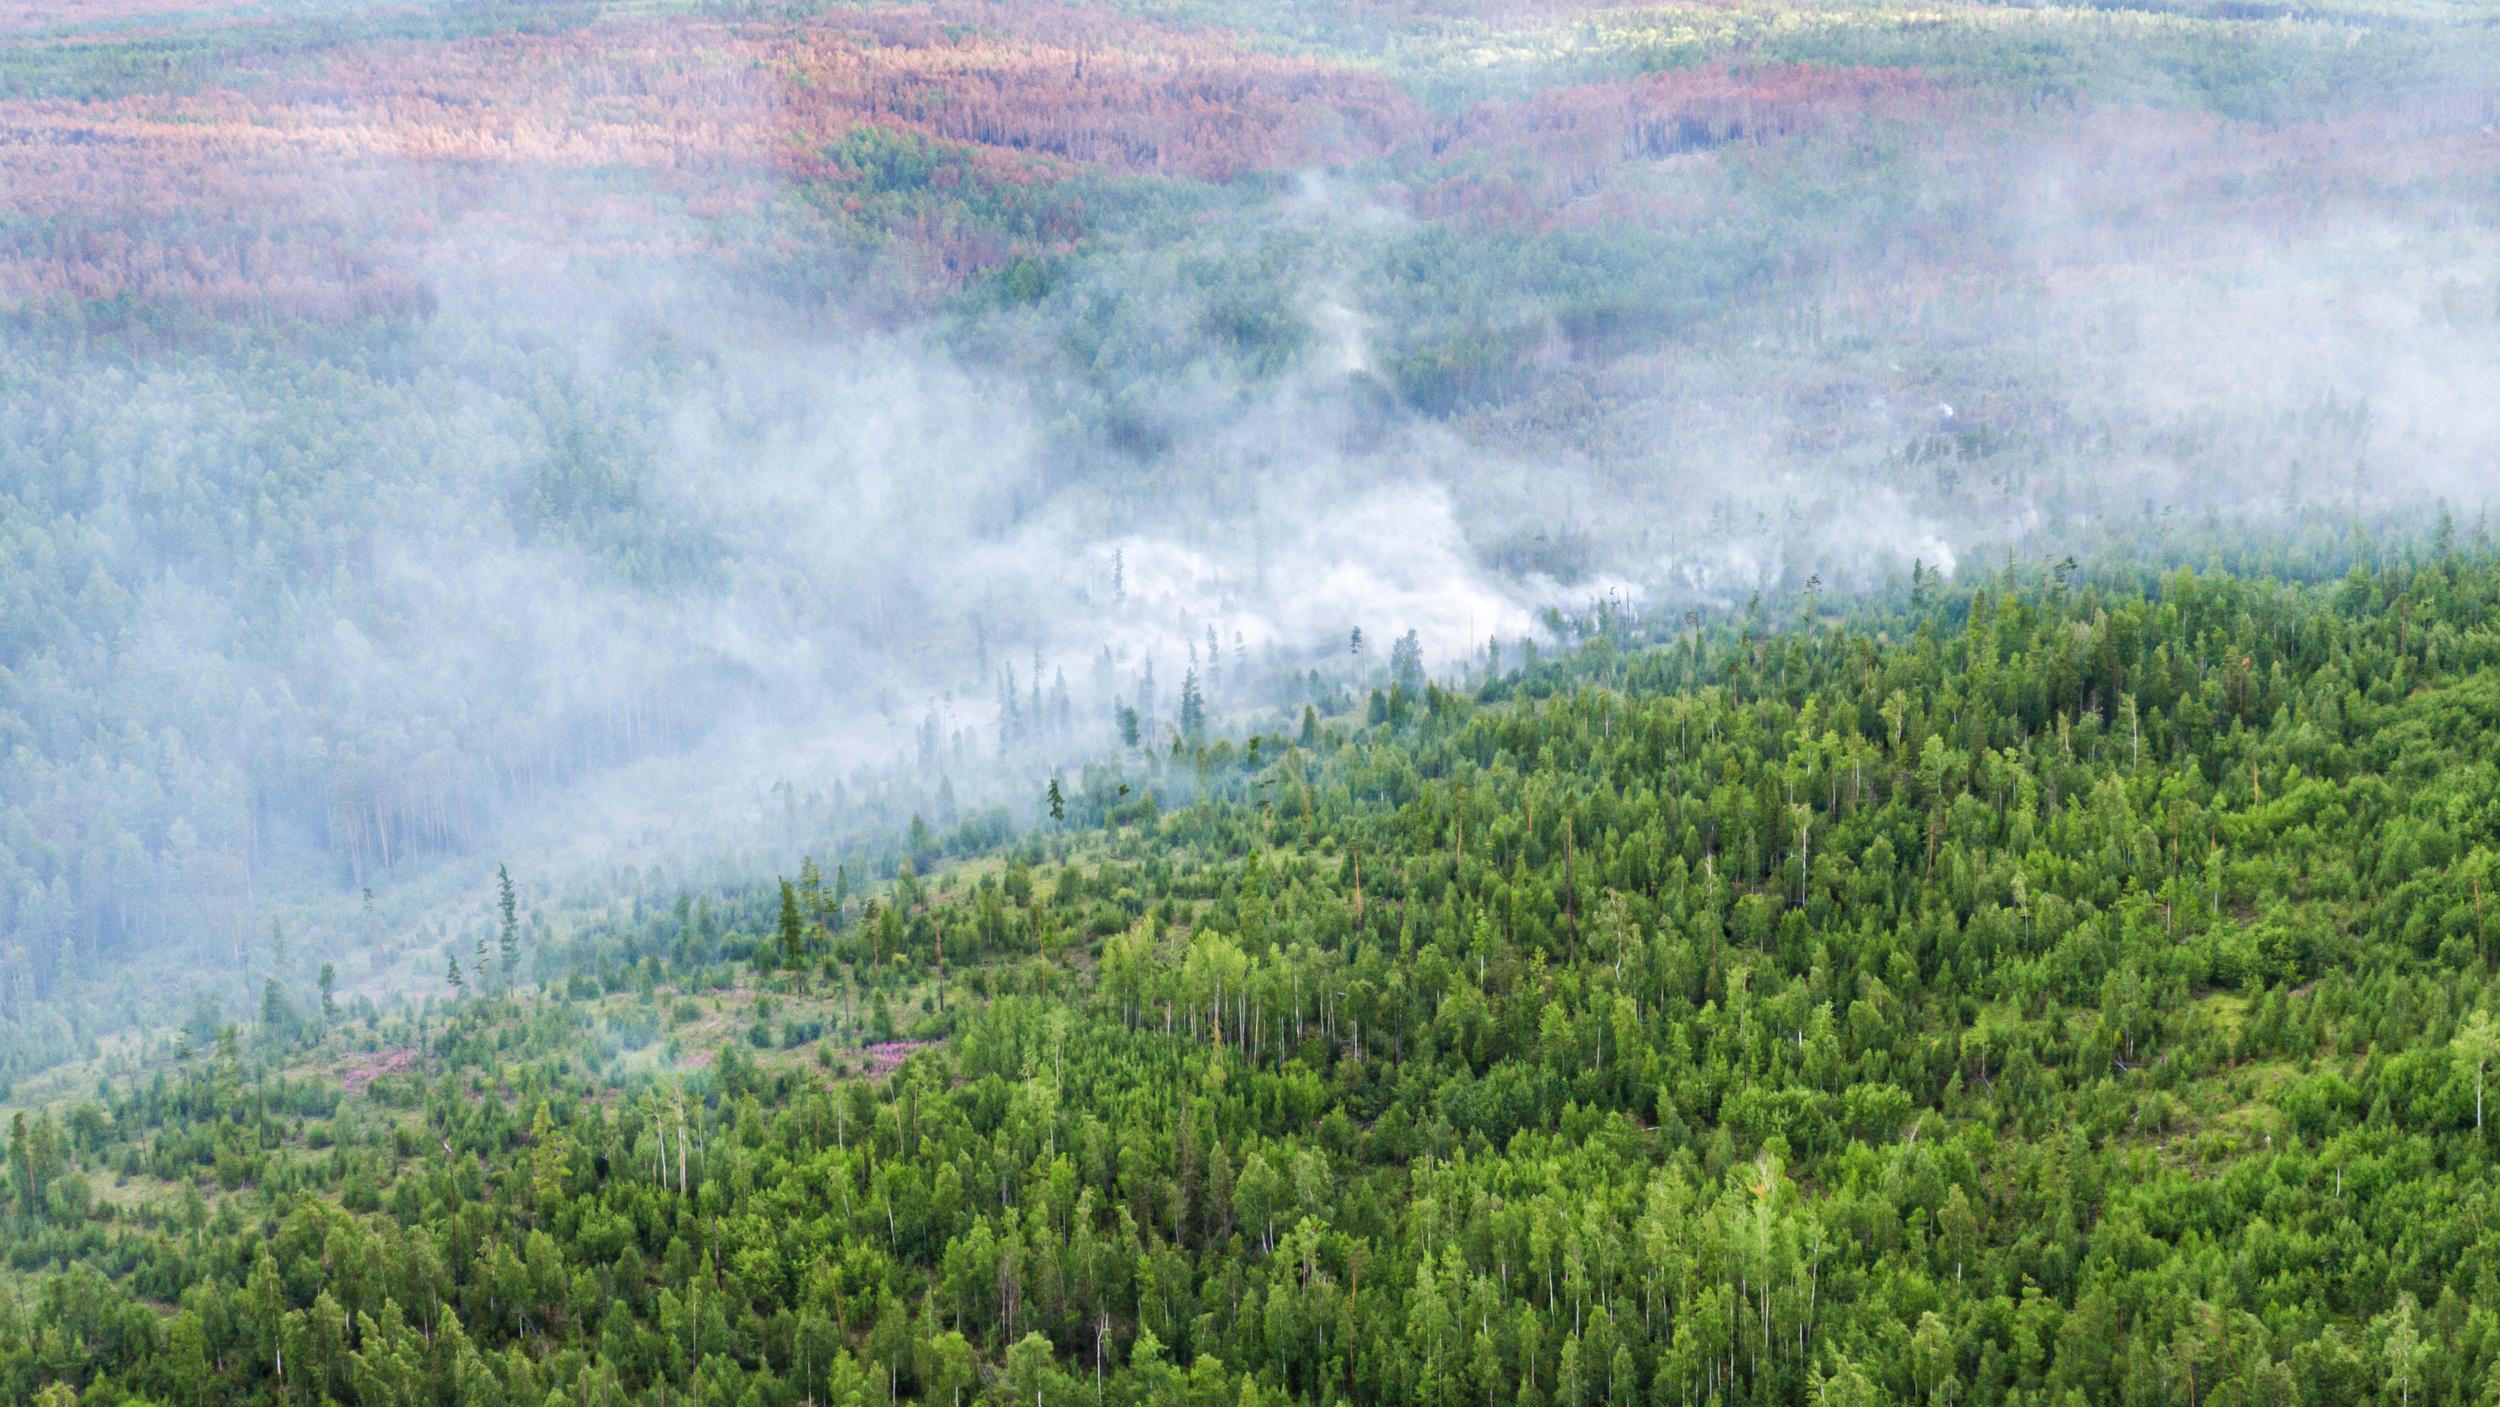 Humo en un bosque de la región de Krasnoyarsk (Julia Petrenko/Greenpeace via REUTERS)